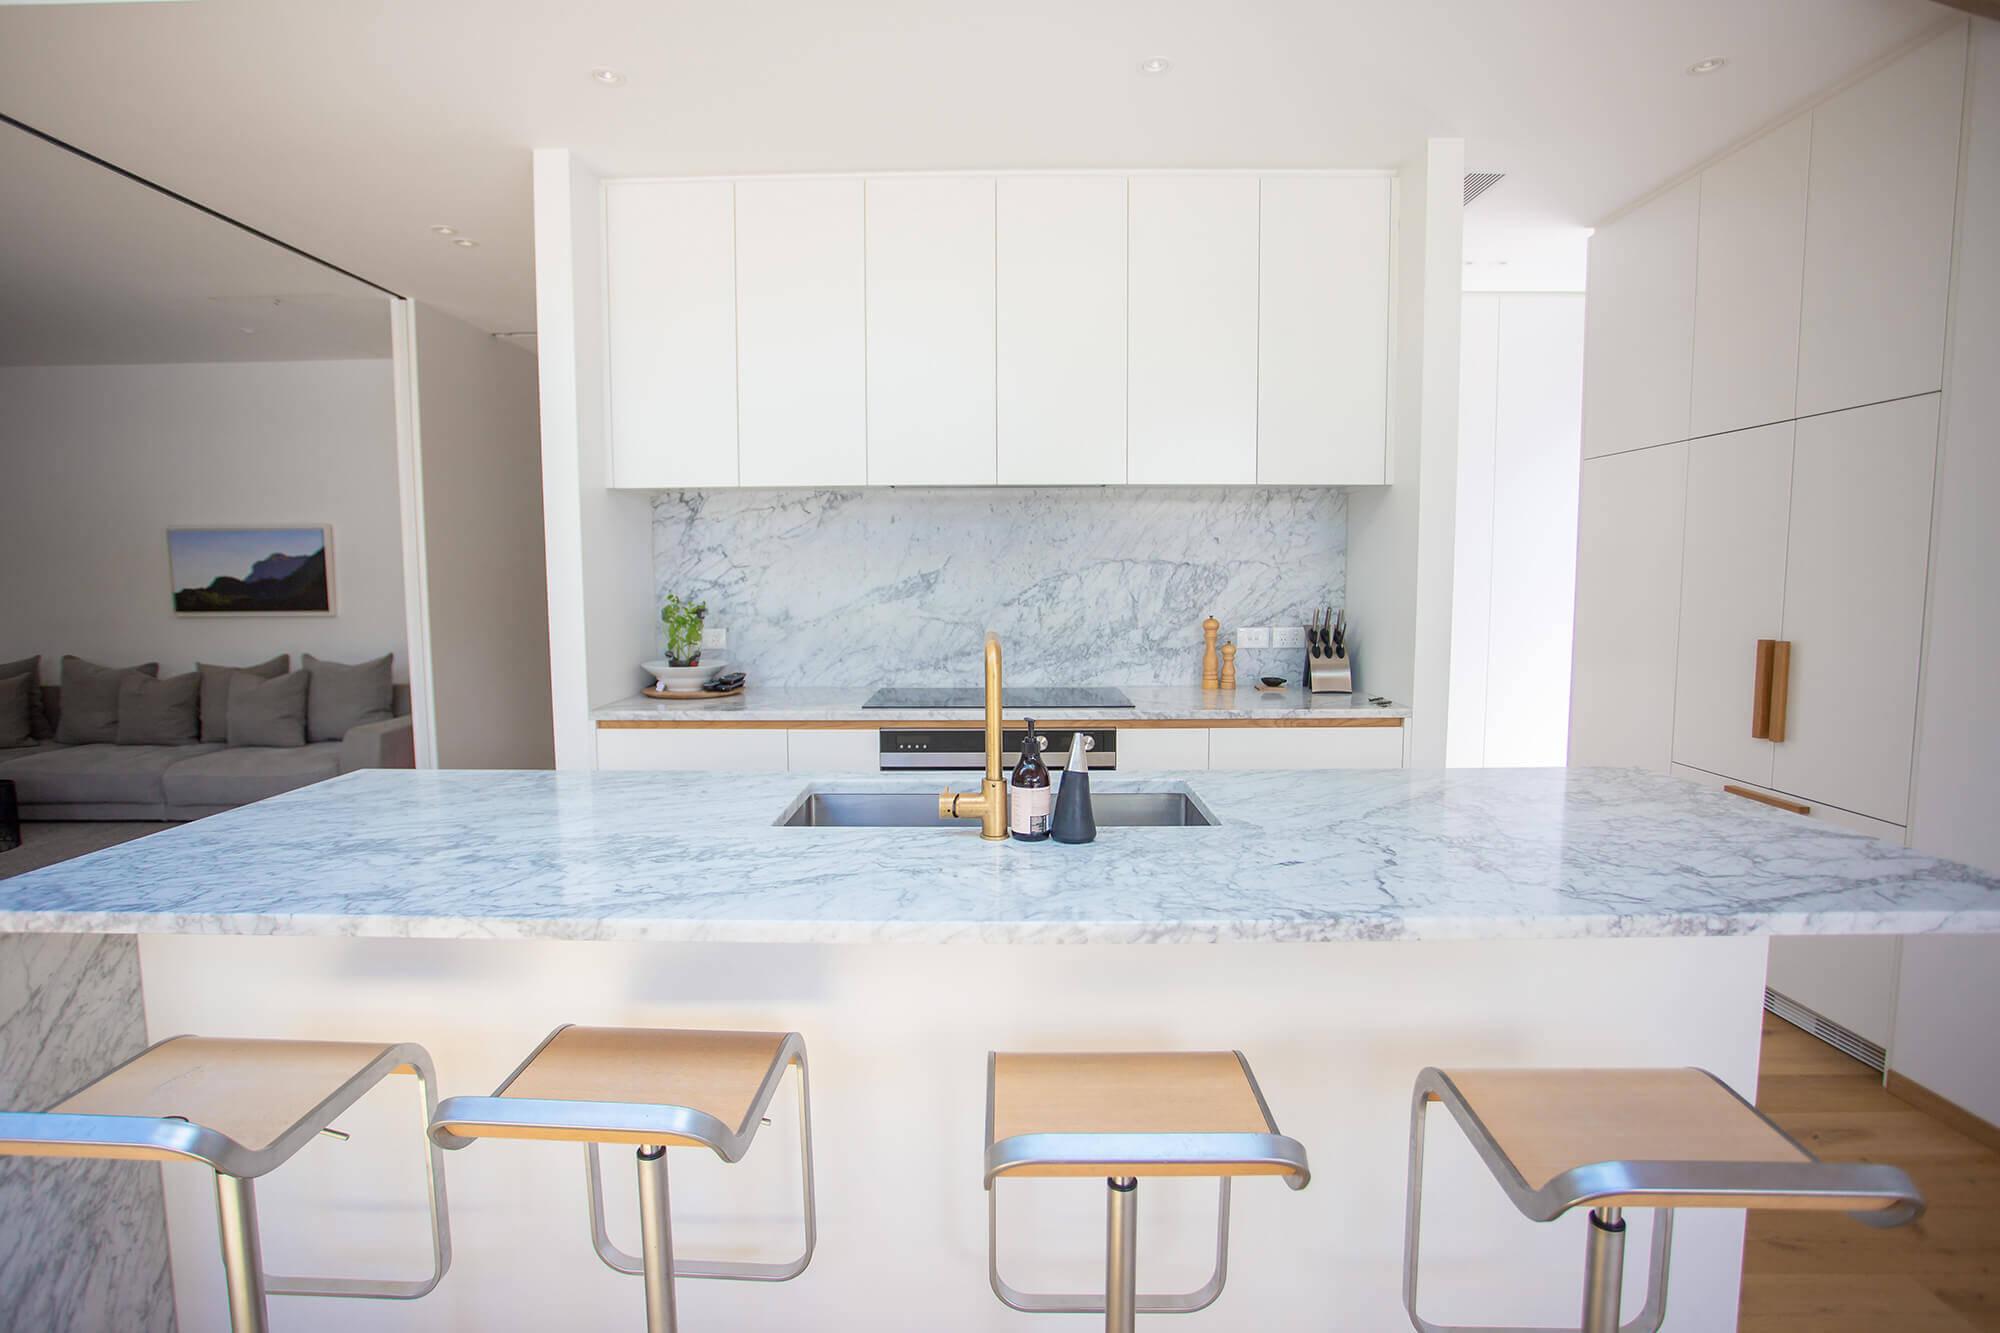 westmere-kitchen-6